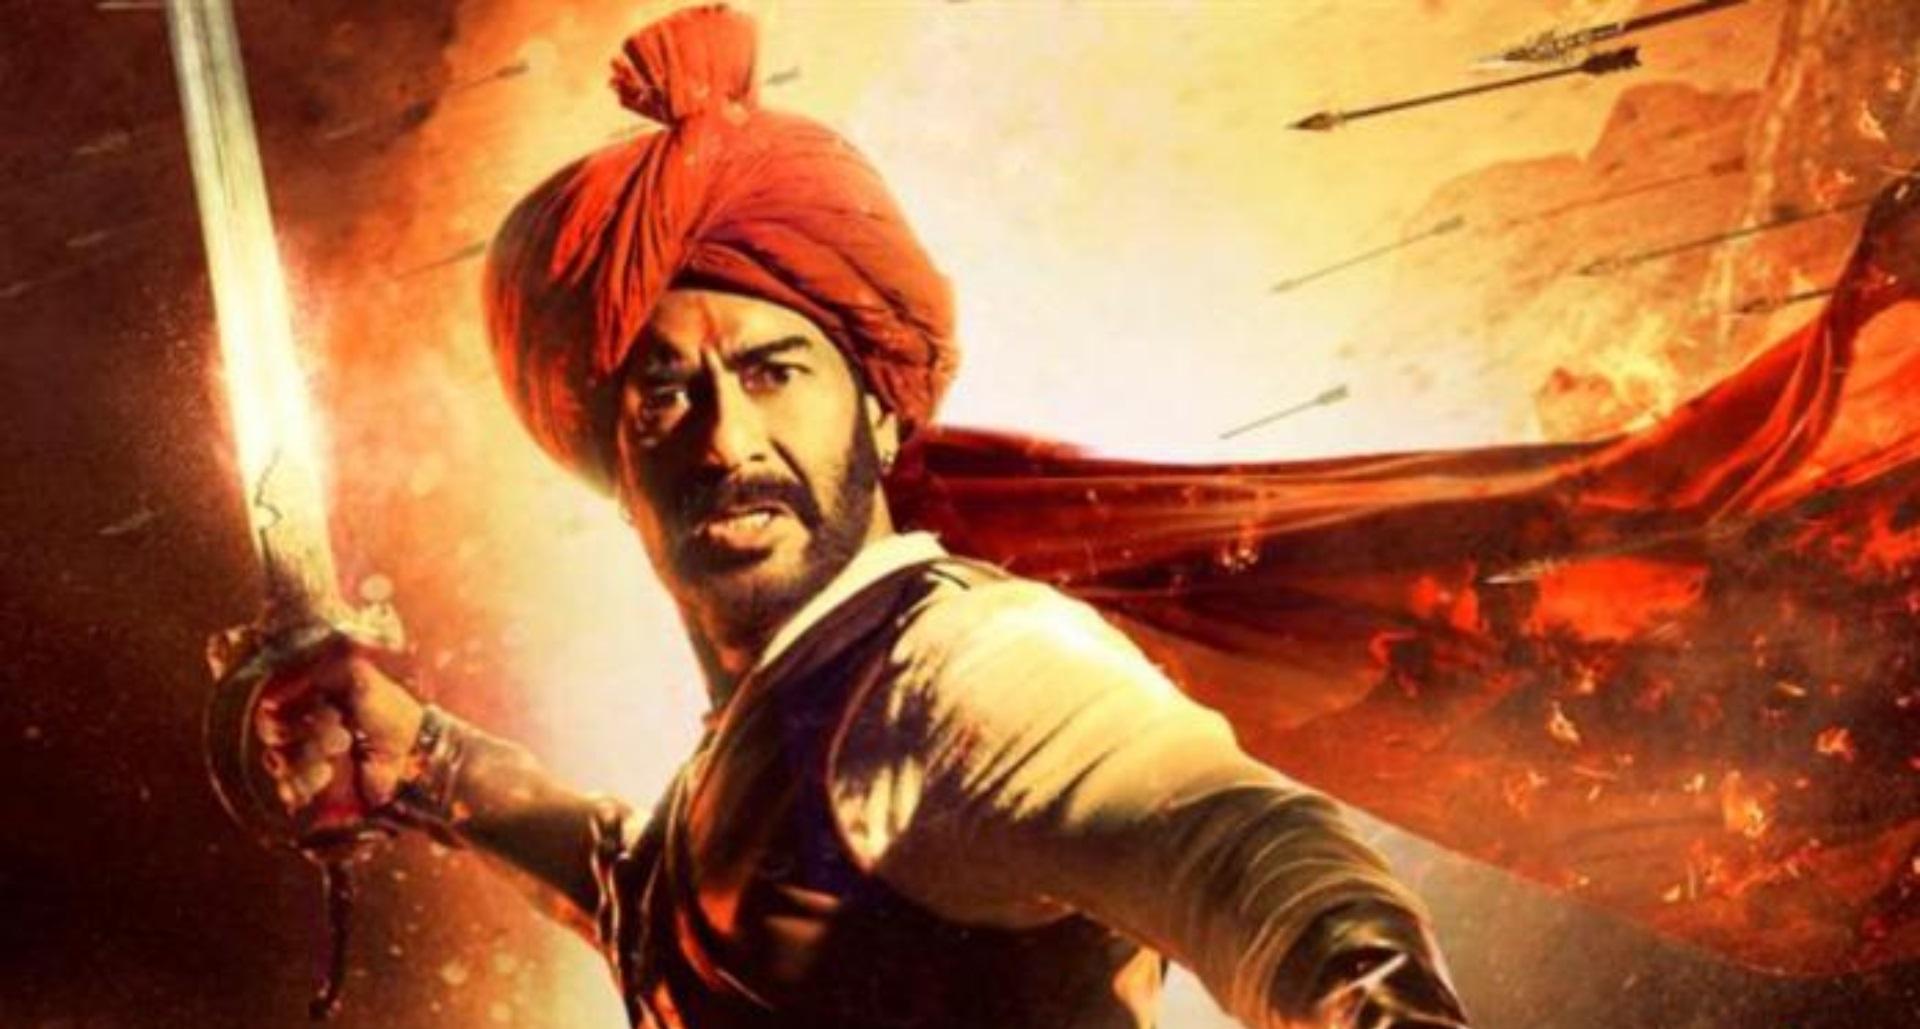 Tanhaji Box Office Collections Day 9: 'तानाजी' बन अजय देवगन बढ़ रहे हैं 200cr क्लब की ओर, जानिये अब तक की कमाई